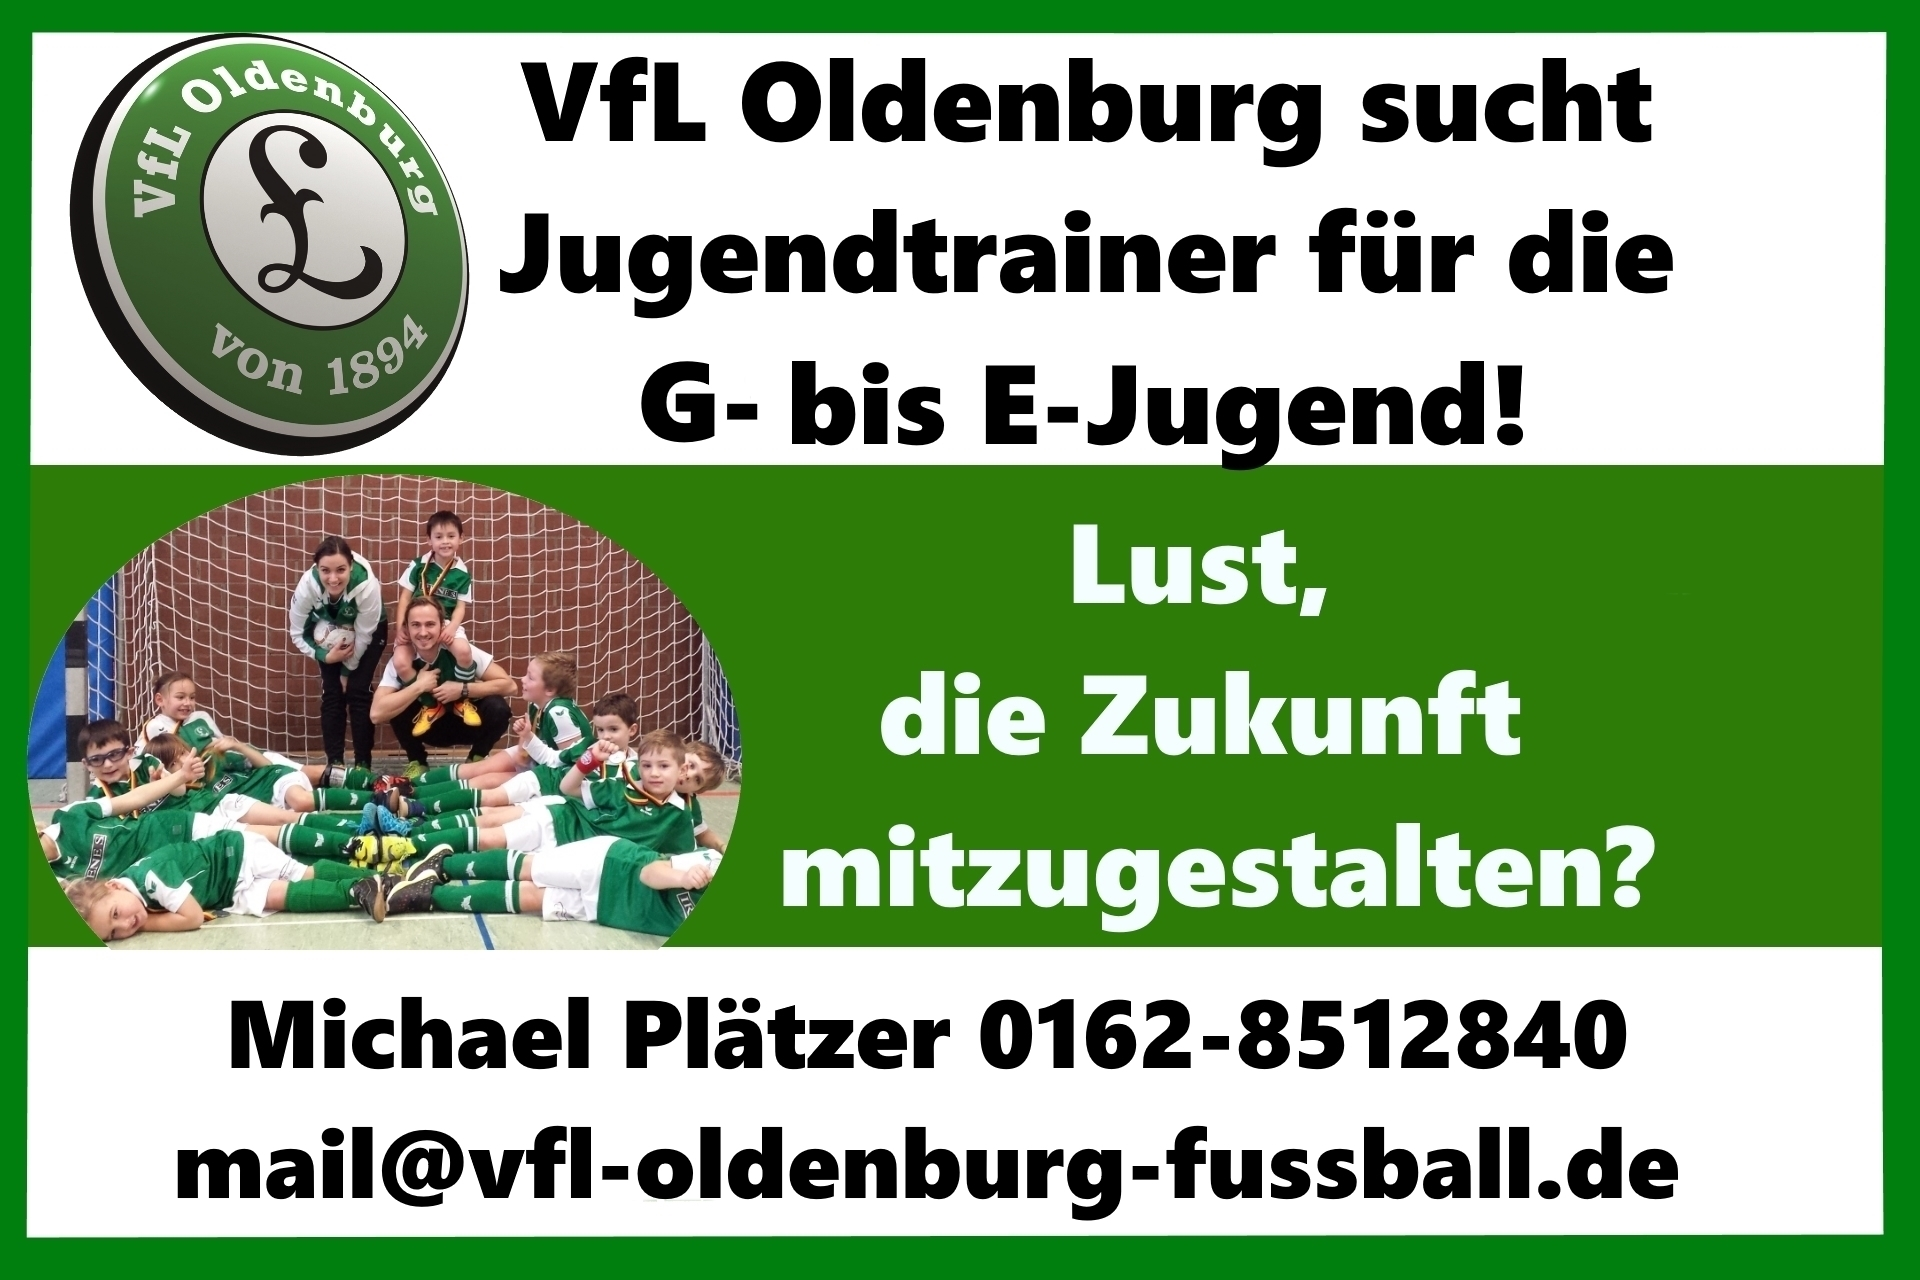 VfL Oldenburg sucht Jugendtrainer für die G bis E-Jugend